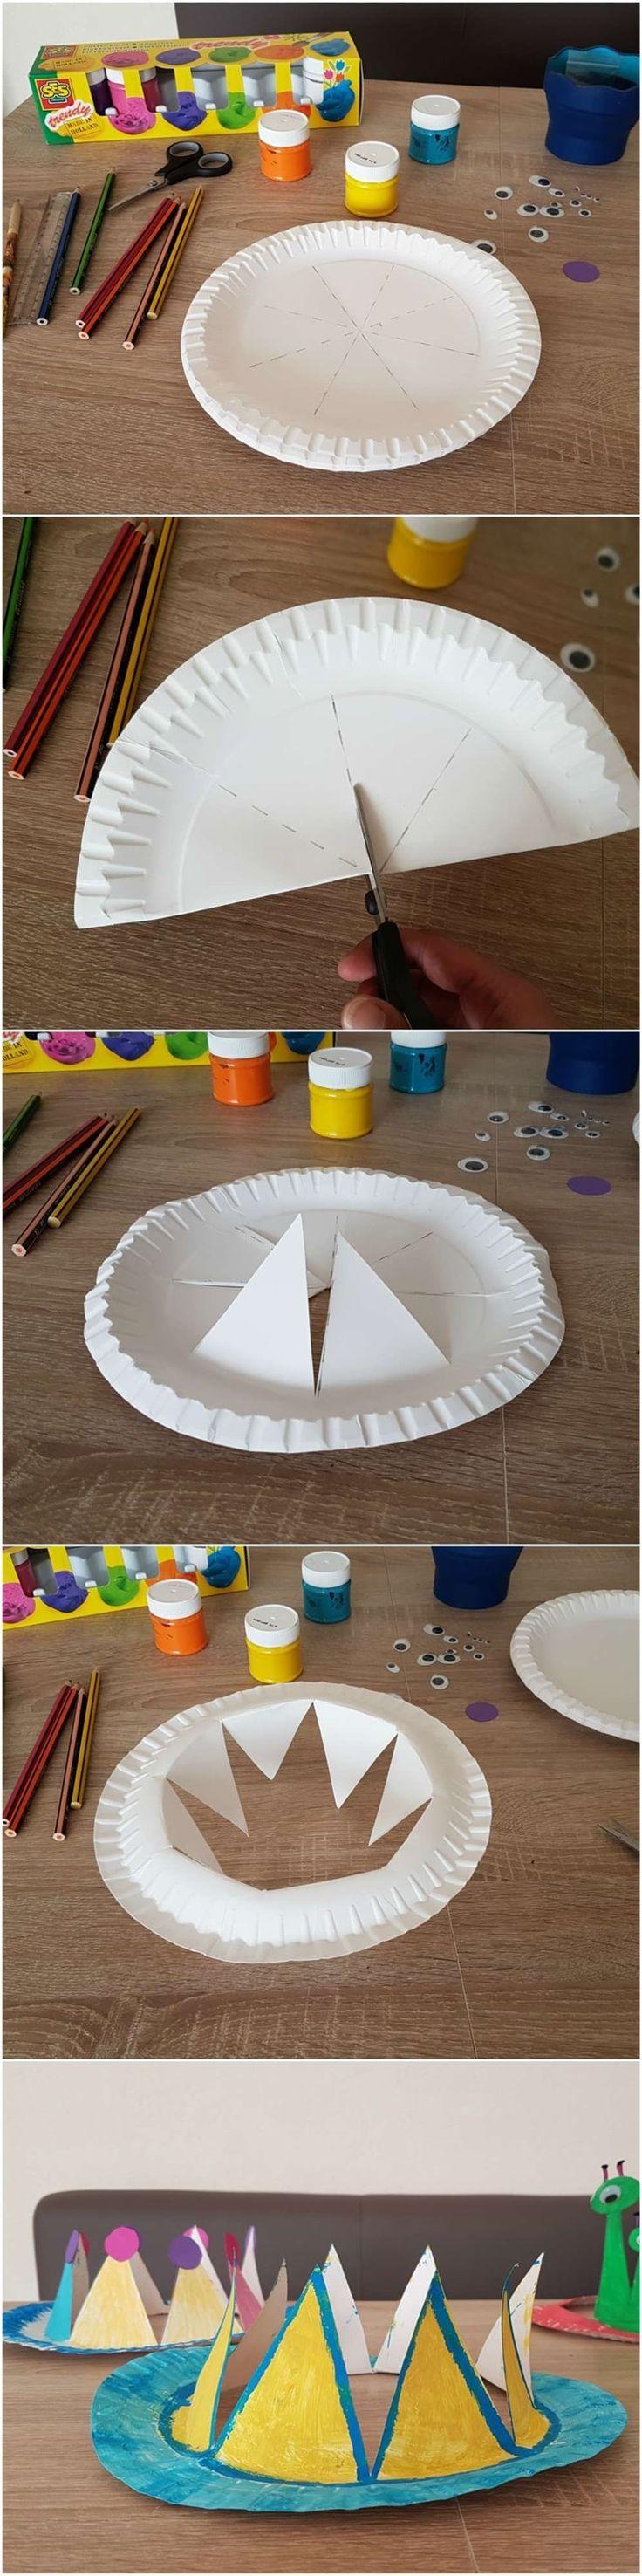 #Anleitung: #Pappteller #Krone und #Hüte #basteln mit #kinder - #Paper #Plate #Party #Crown #DIY - (Diy Paper Crown)